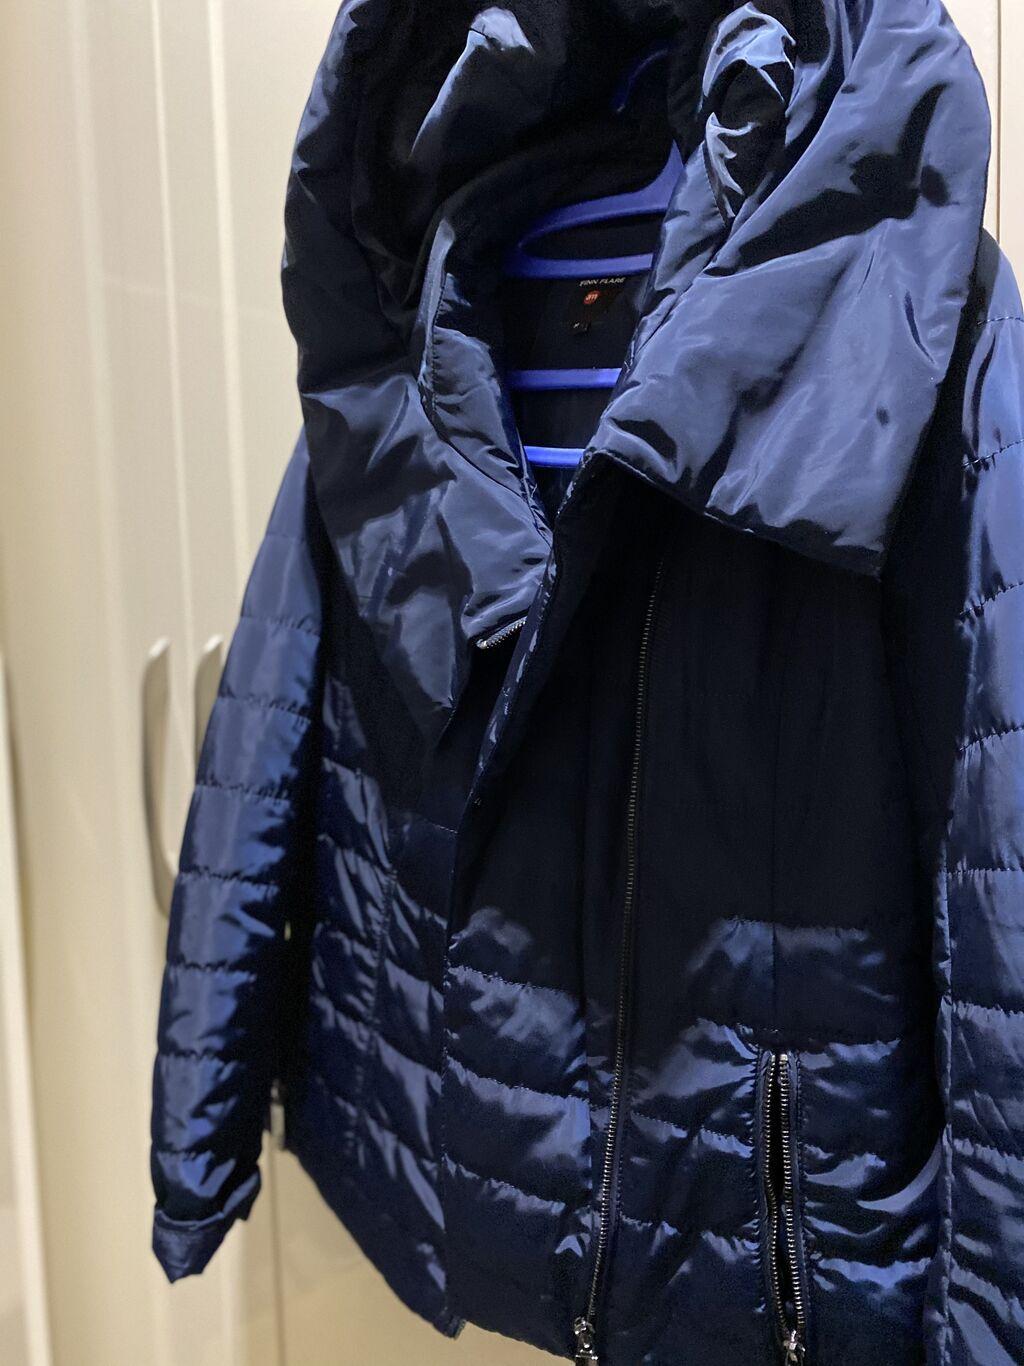 Очень красивая куртка Идеальное состояние Фирменная,хорошего качества: Очень красивая куртка Идеальное состояние Фирменная,хорошего качества